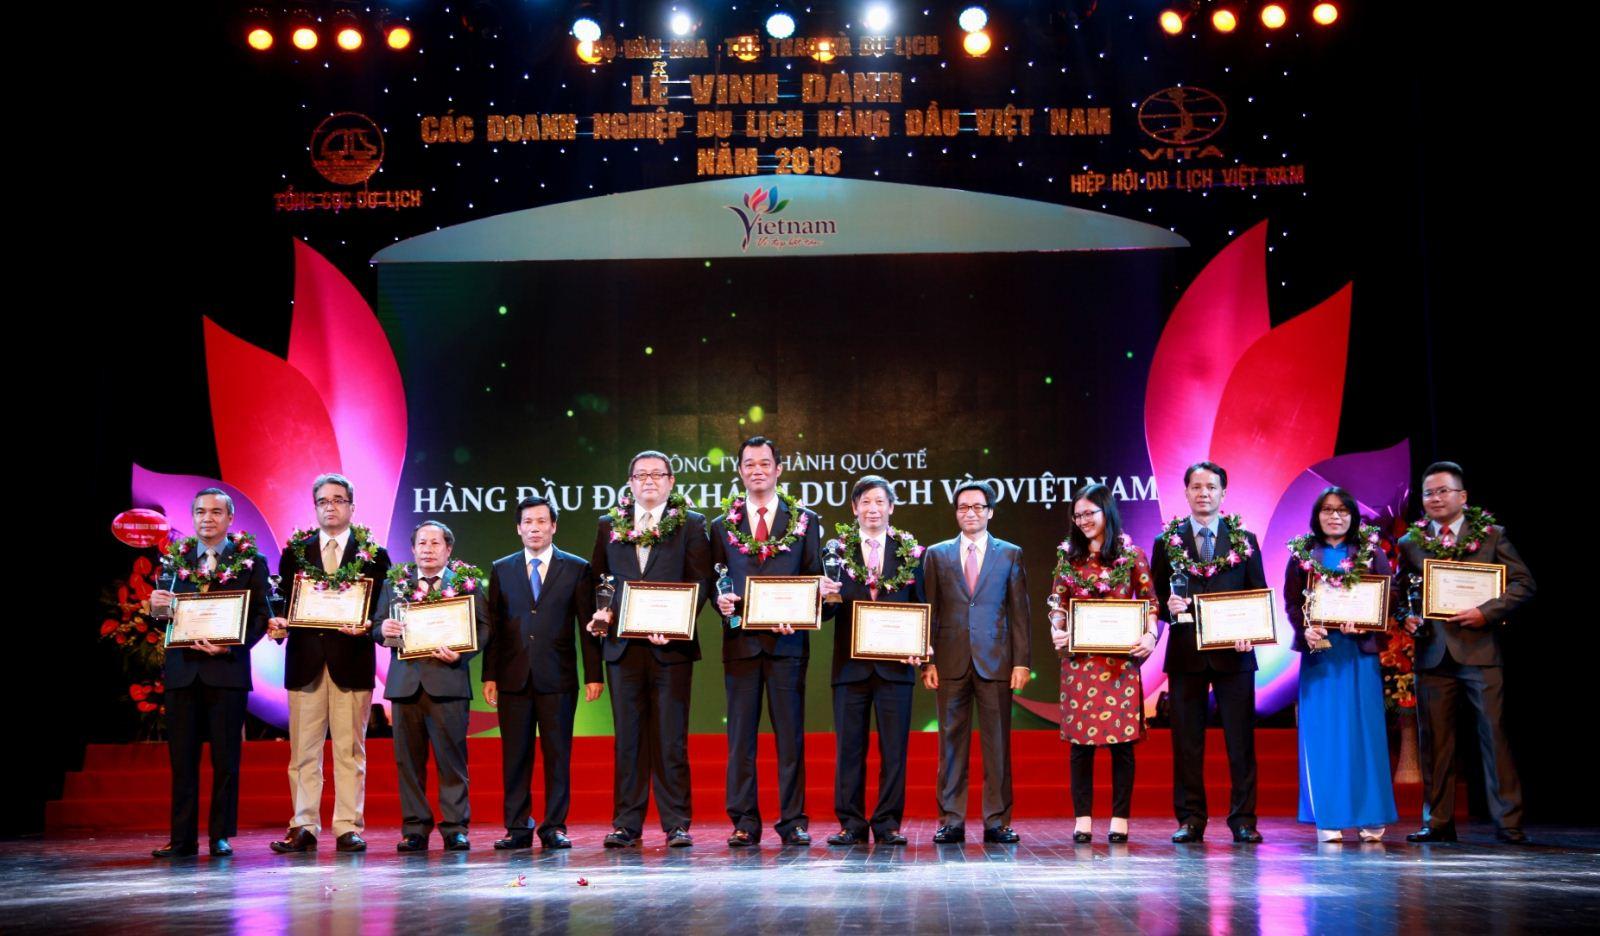 Giải thưởng Du lịch Việt Nam 2017 gồm 9 hạng mục